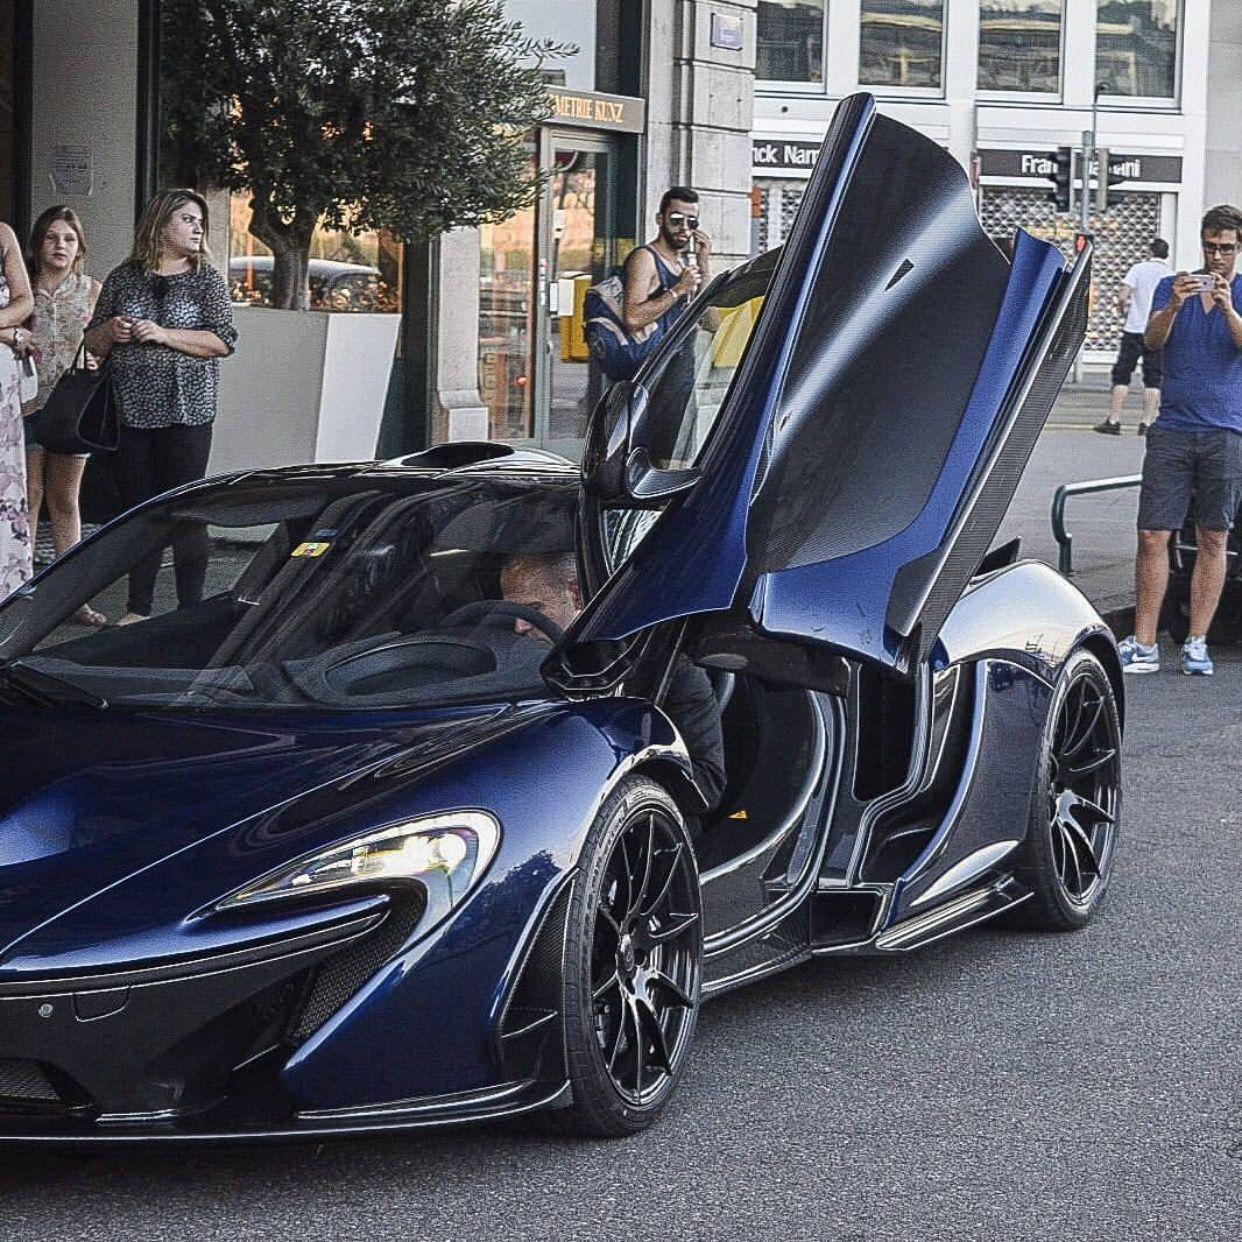 McLaren P1 Painted In Dark Blue Photo Taken By: @ll